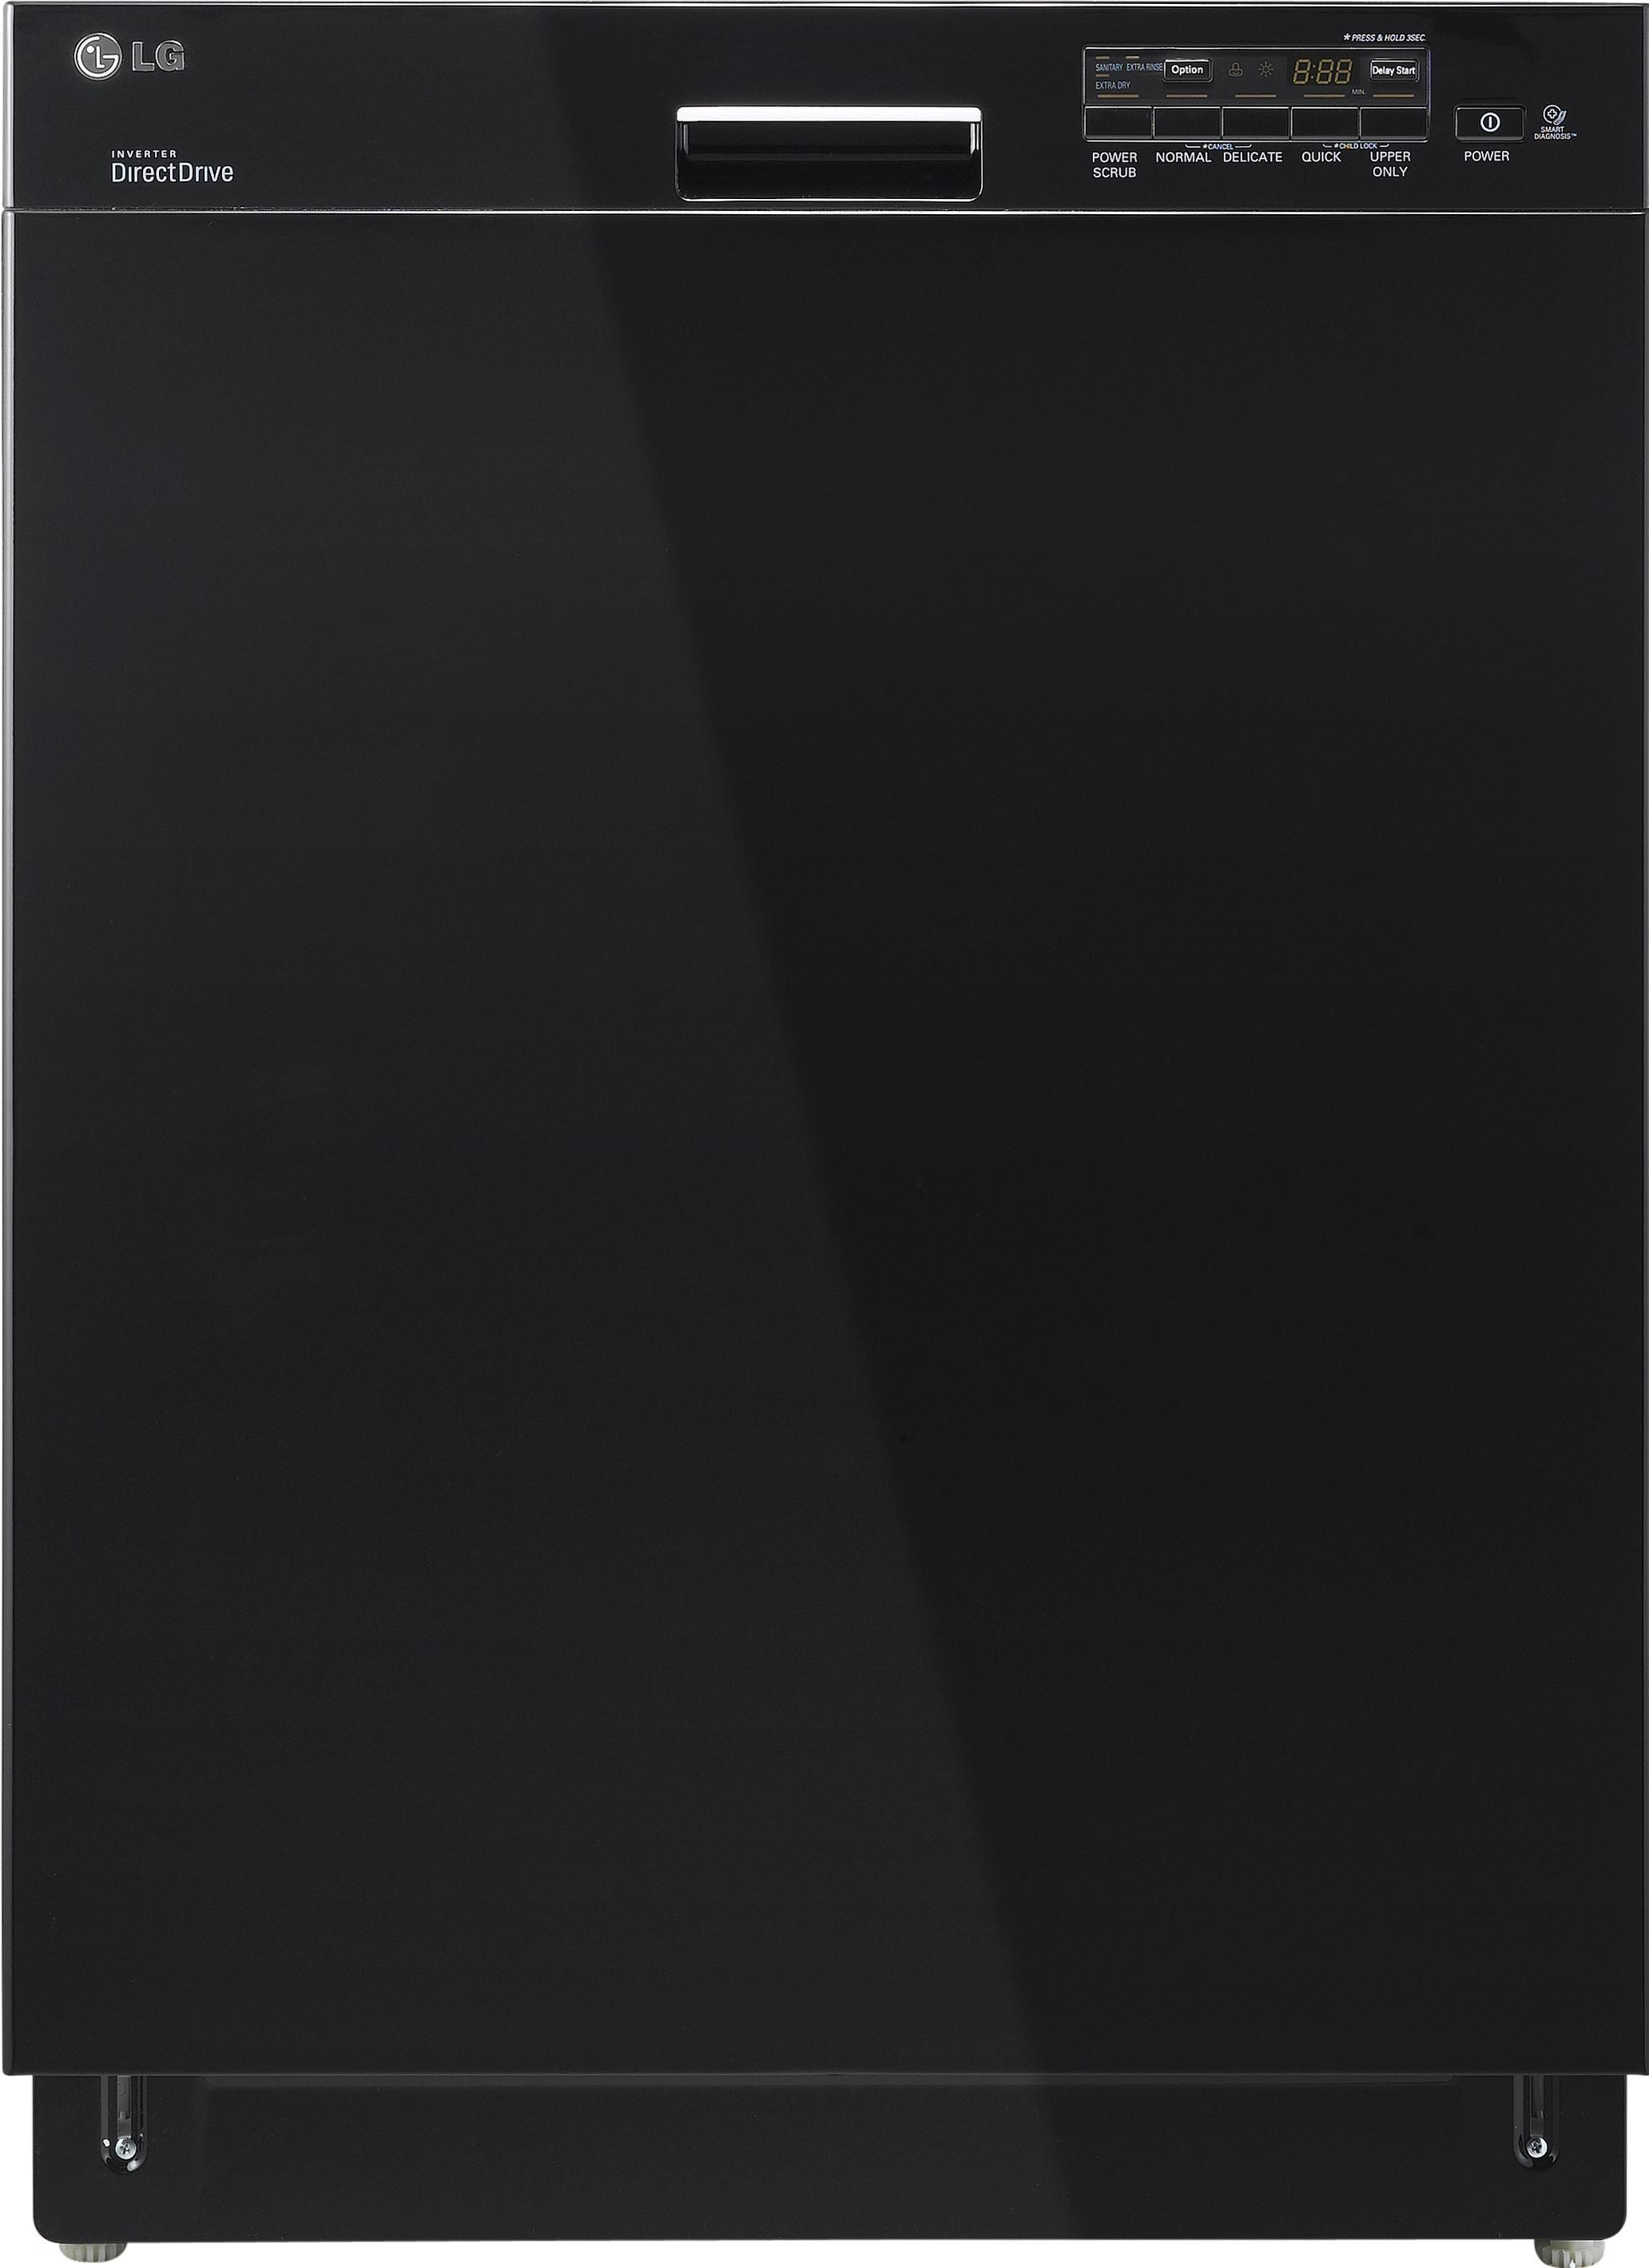 """LG Appliances Dishwashers 24"""" Built-In Dishwasher - Item Number: LDS5040BB"""